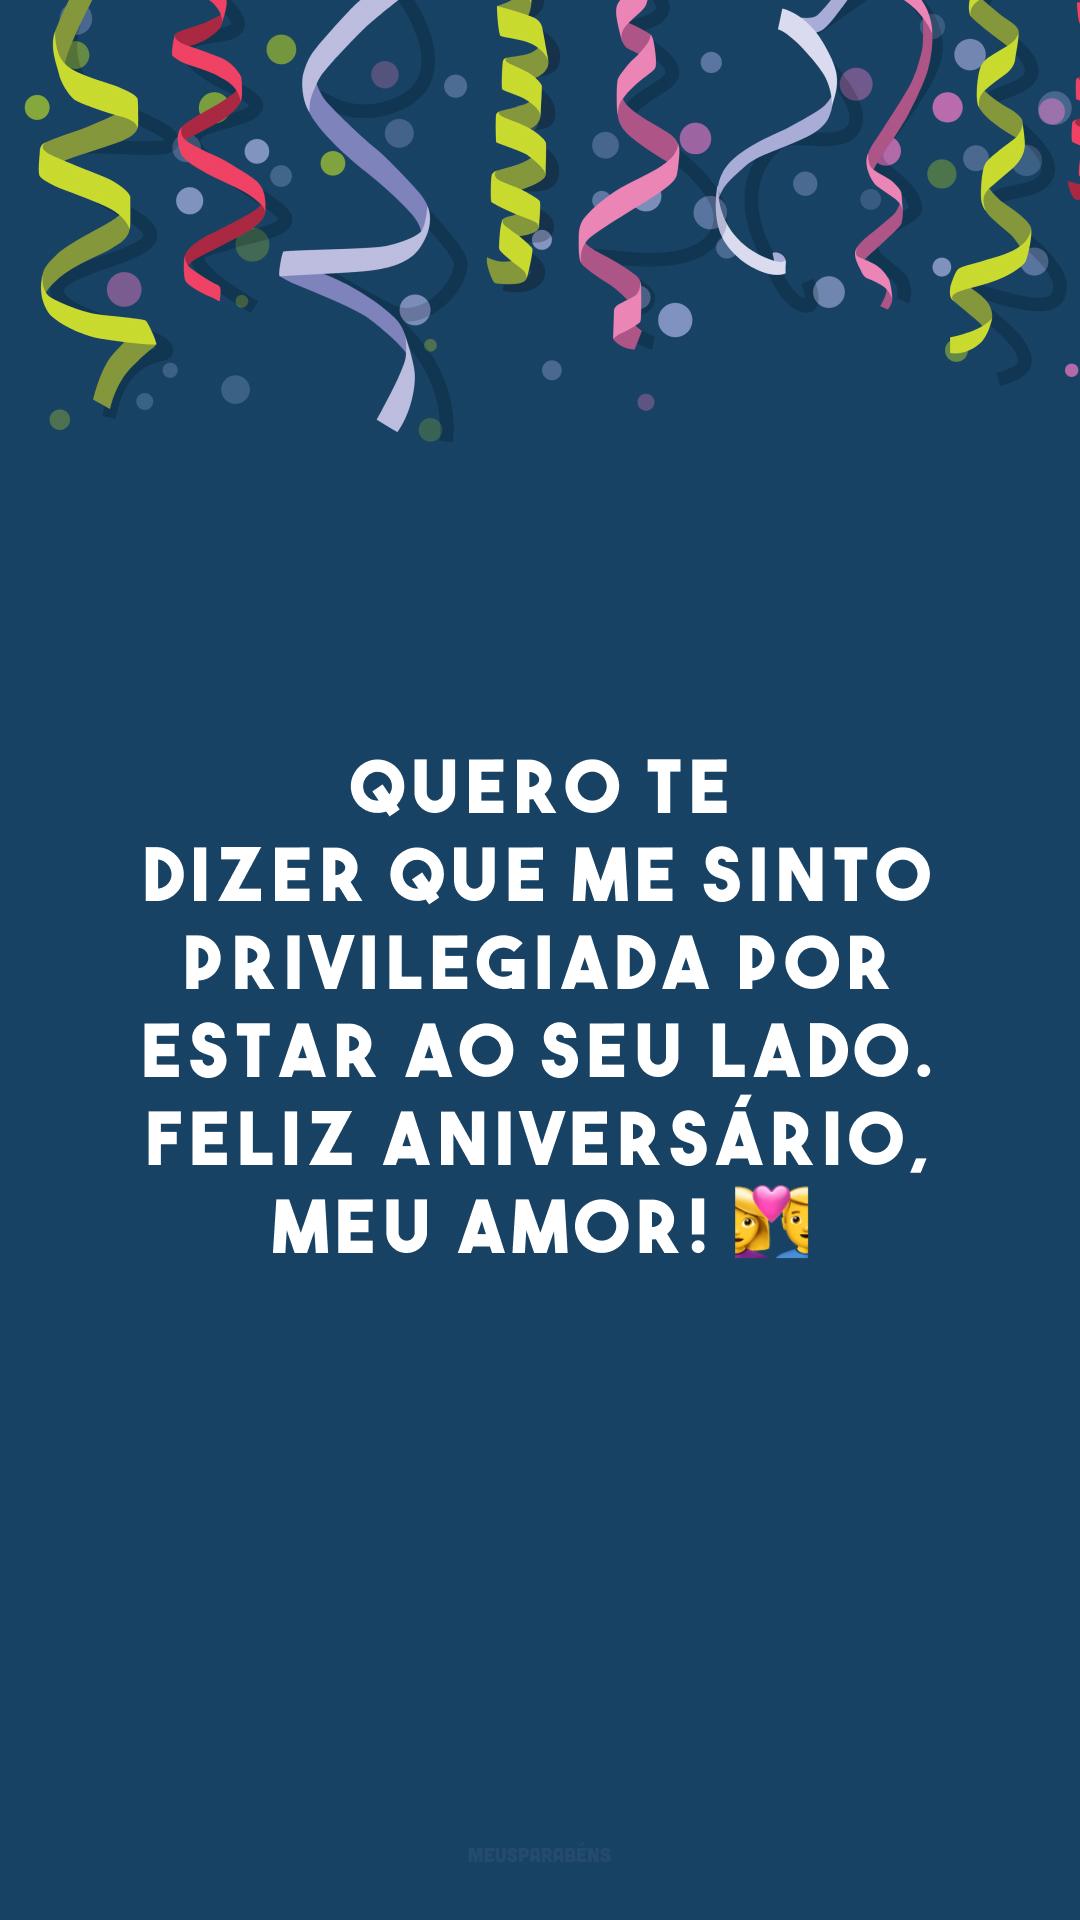 Quero te dizer que me sinto privilegiada por estar ao seu lado. Feliz aniversário, meu amor! 💑